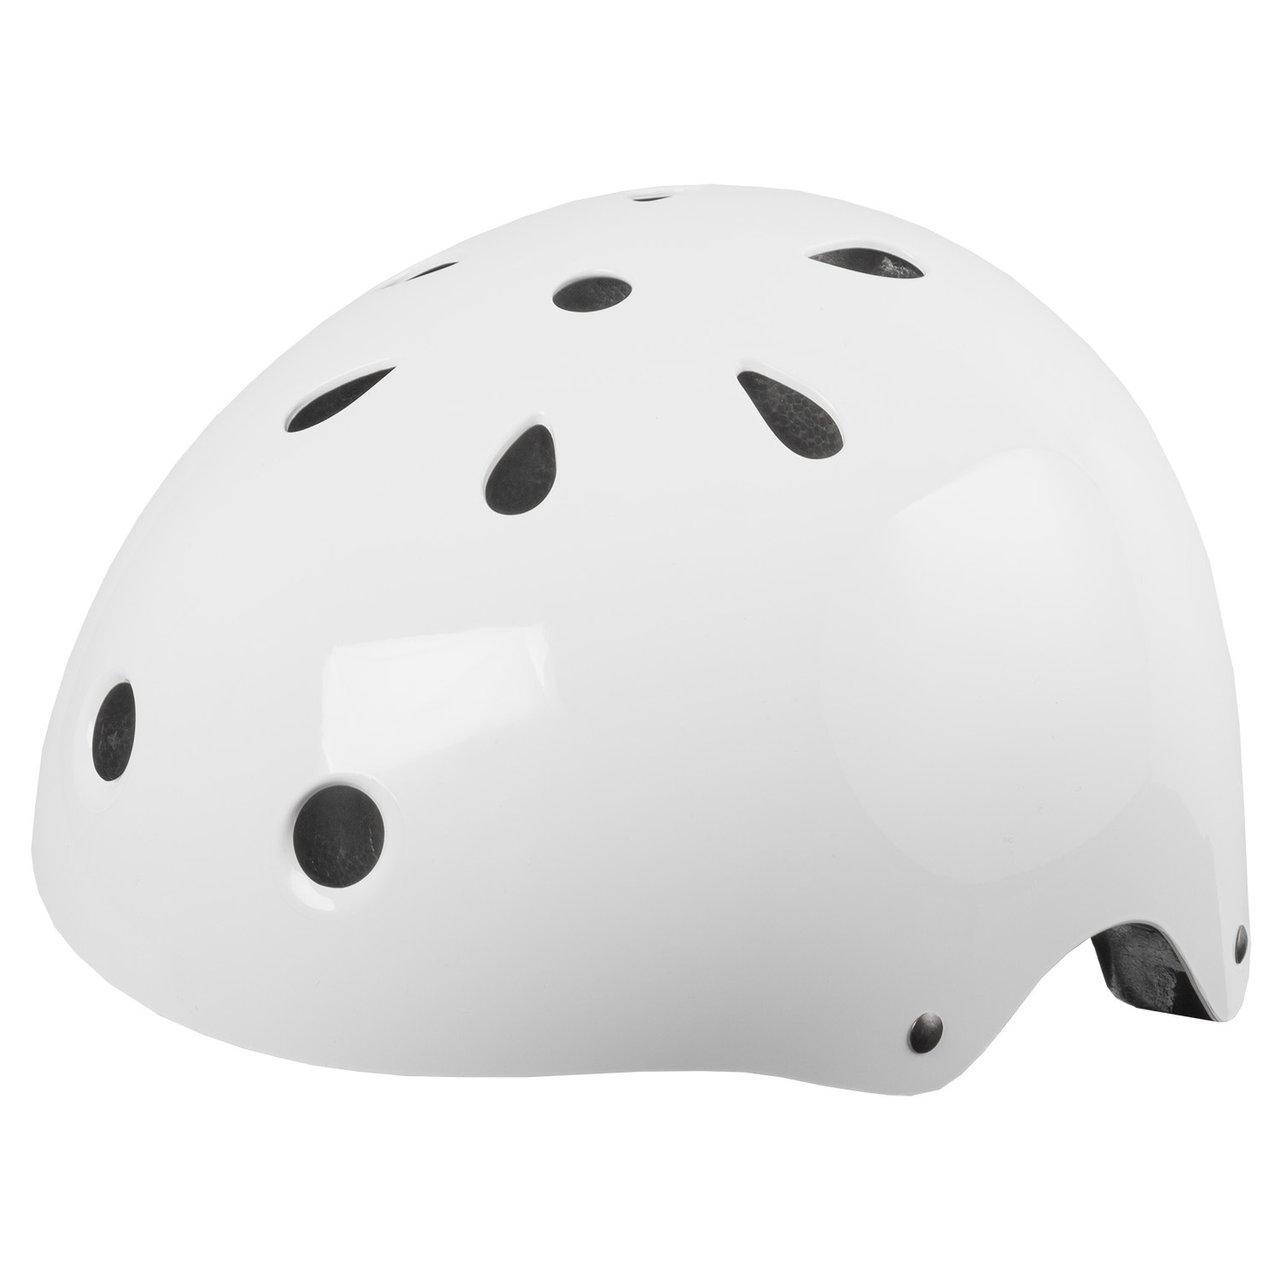 Велосипедный шлем Bmx. Бренд Ventura. Немецкое качество. Рассрочка. Kaspi RED.